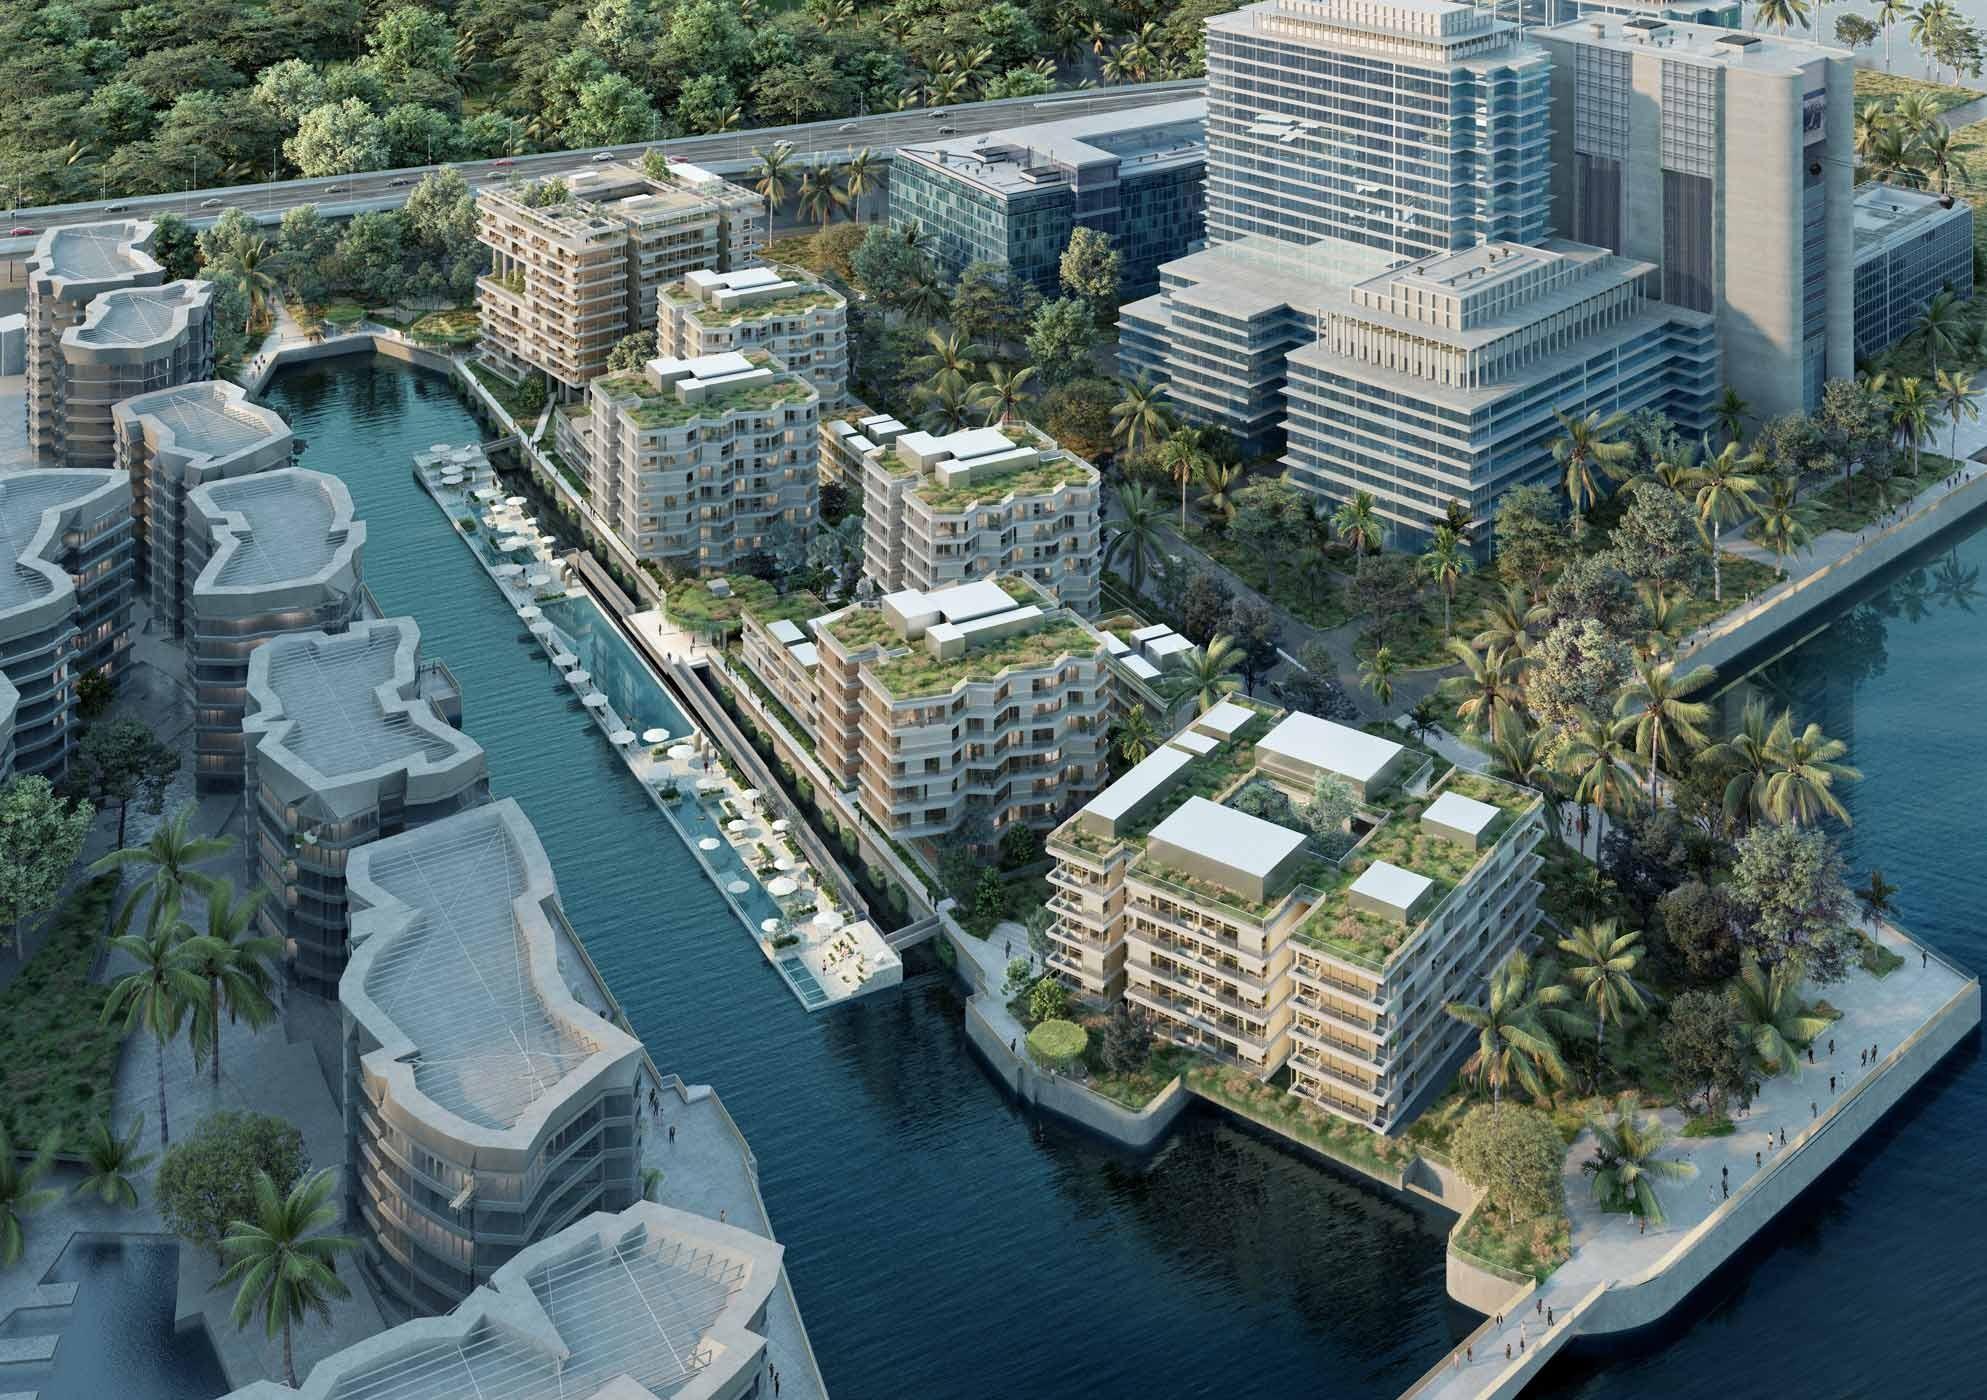 Visualisierung von The Reef at King's Dock in Singapur